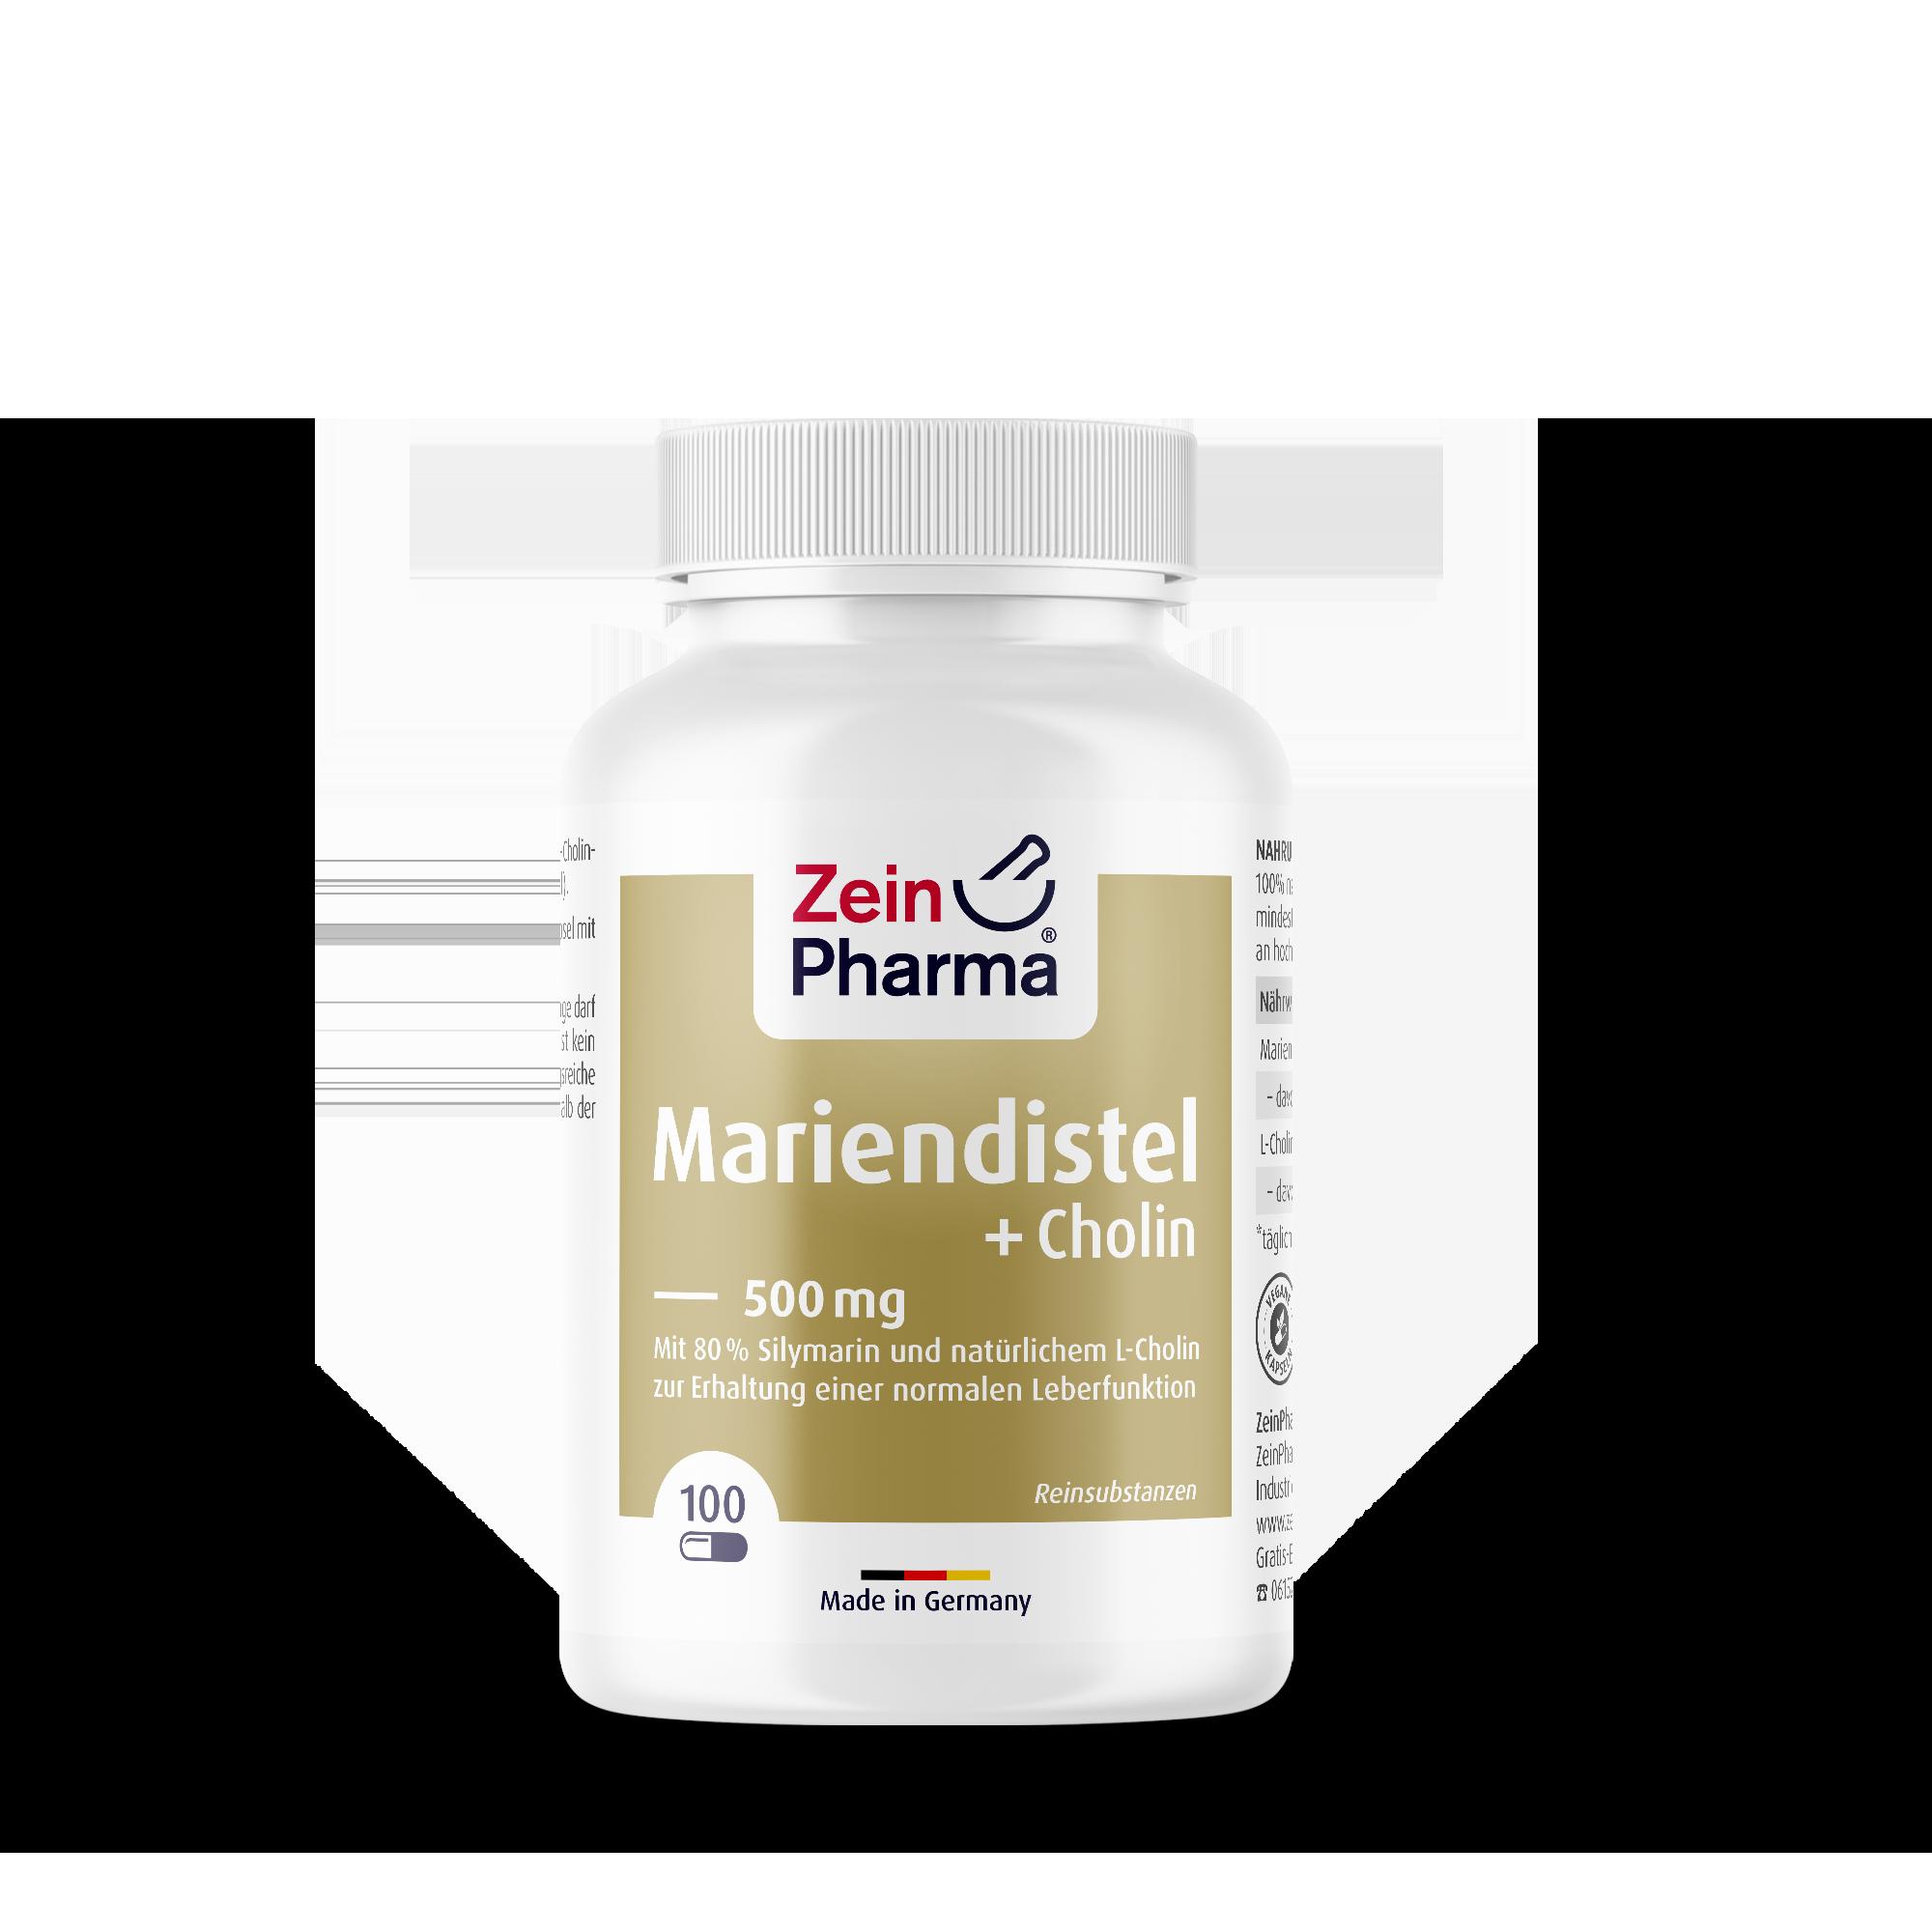 Mariendistel + Cholin